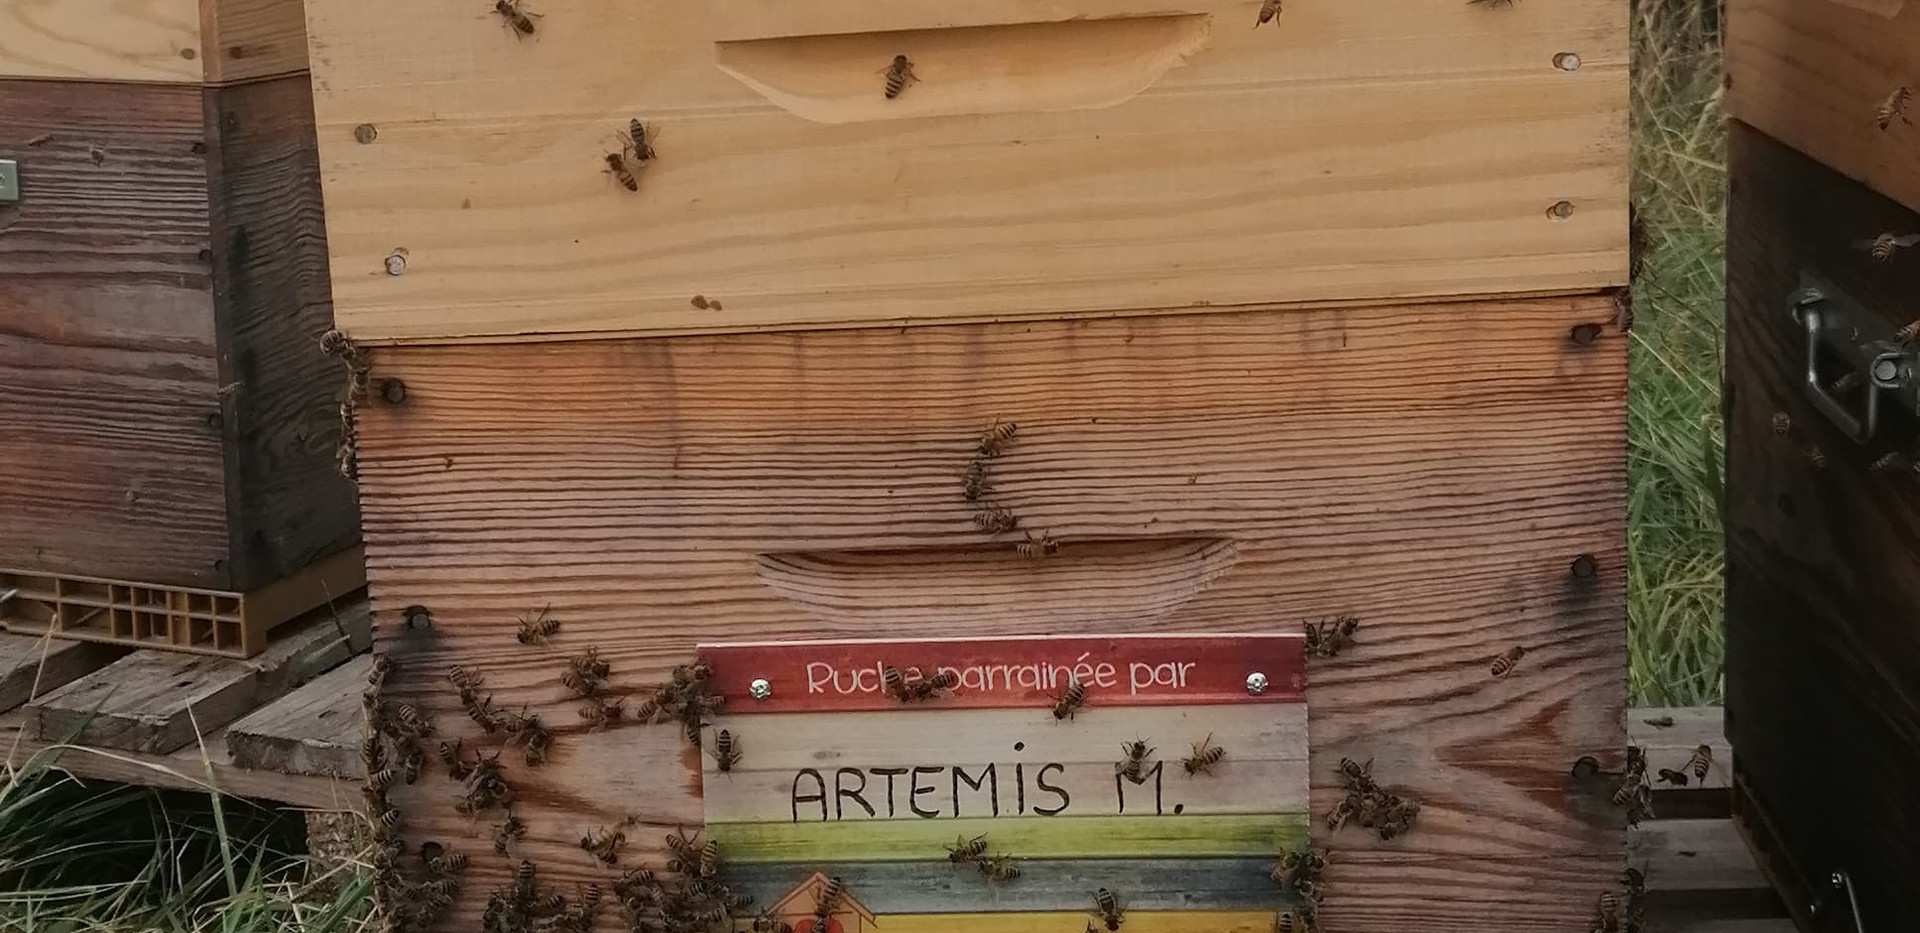 ARTEMIS. M